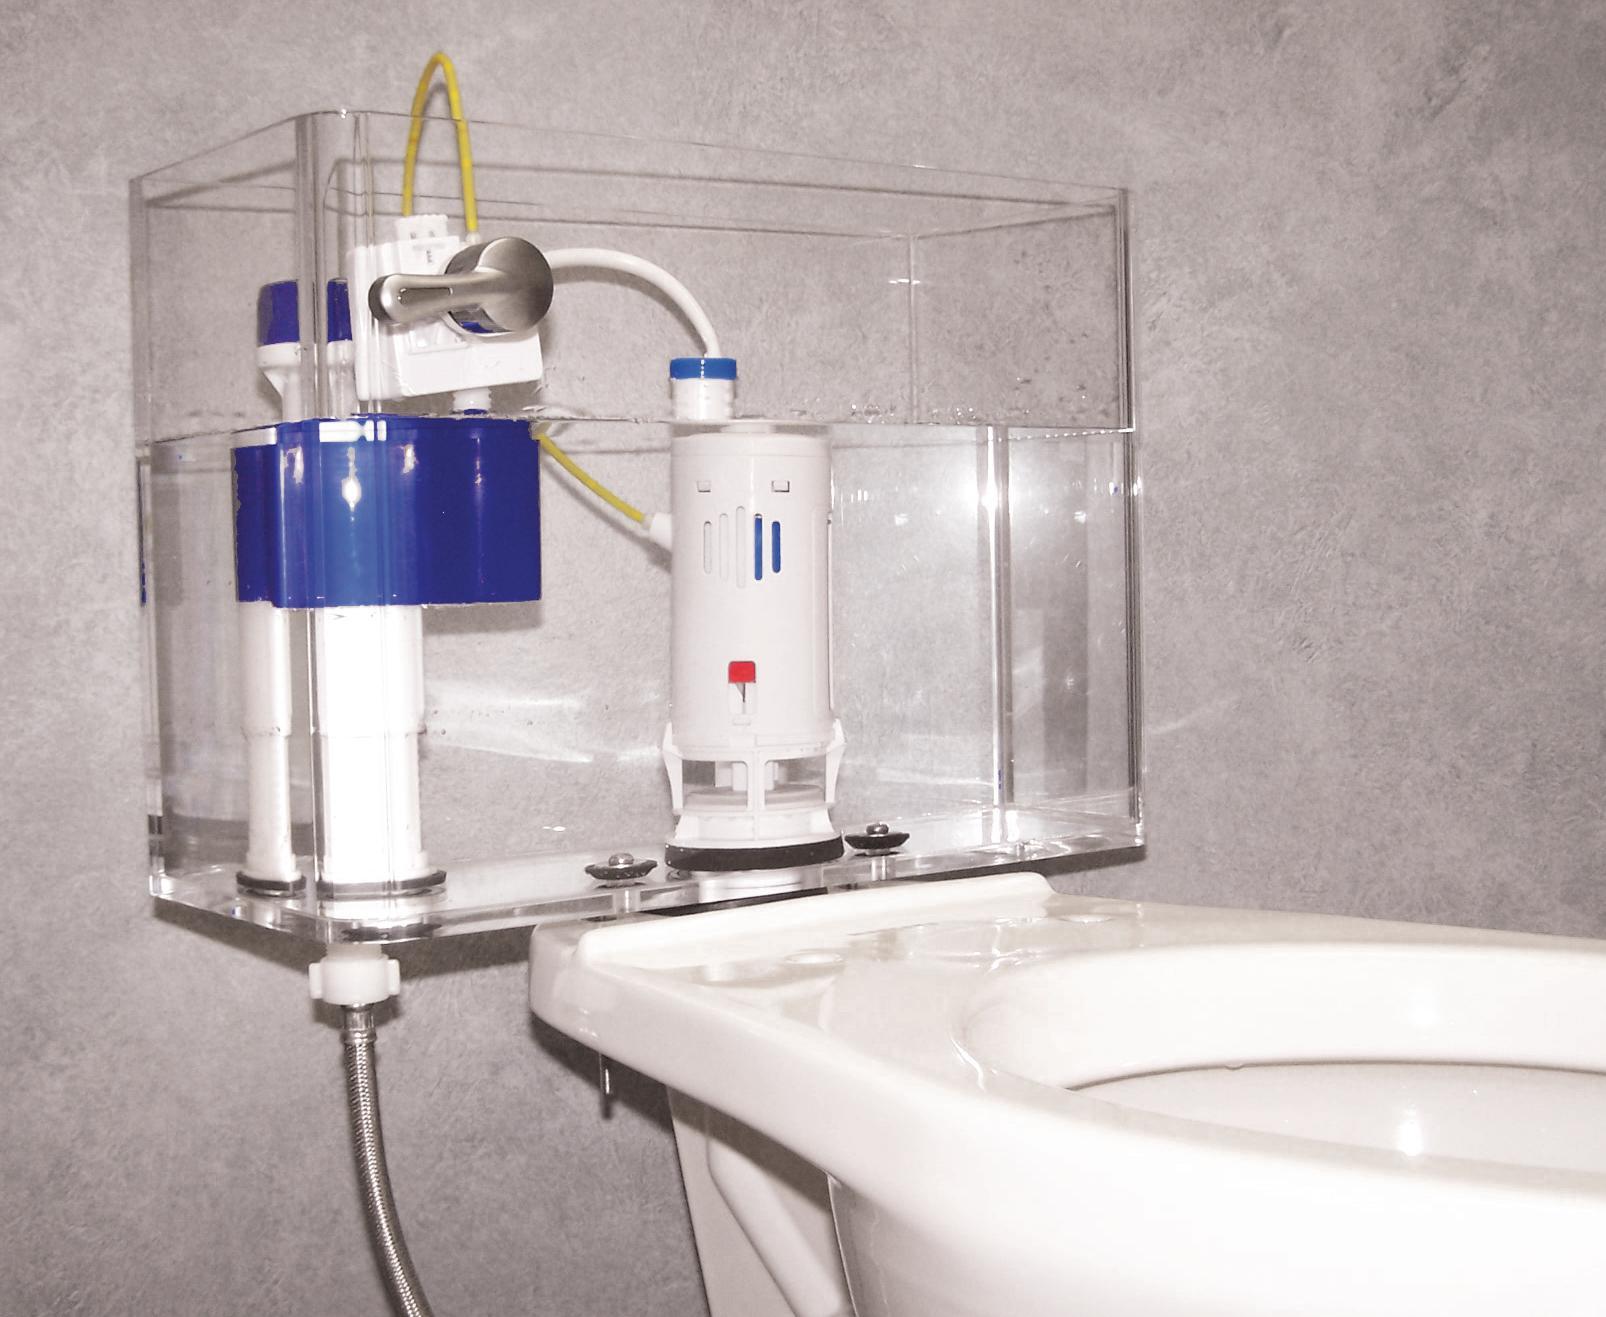 Smarter Flush Dual Flush Toilet Retrofit Kit Remodeling